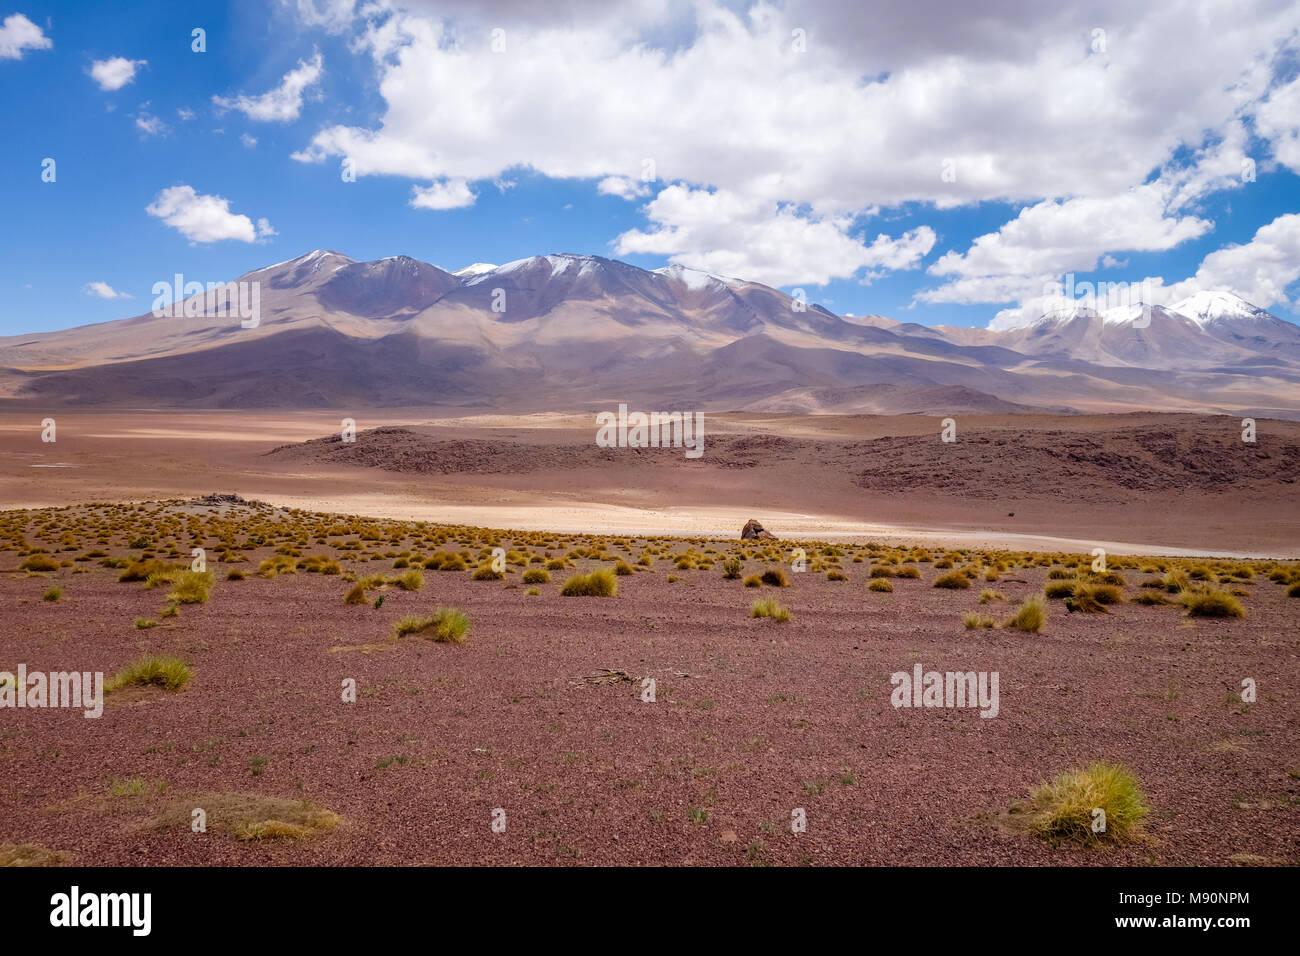 Altiplano montagne del sud Lipez reserva Eduardo Avaroa, Bolivia Immagini Stock